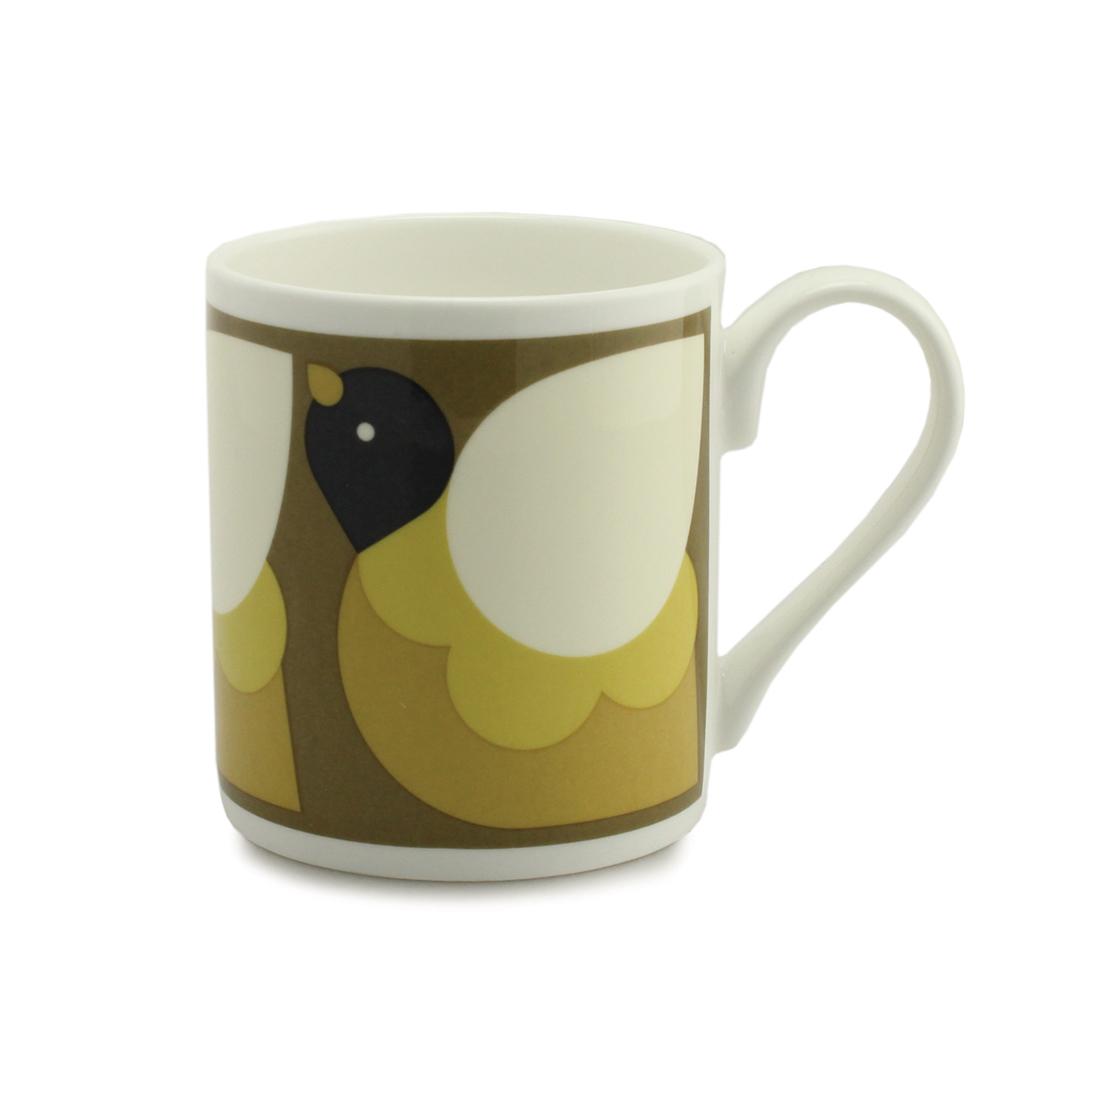 Orla Kiely Mug - Partridge Fawn